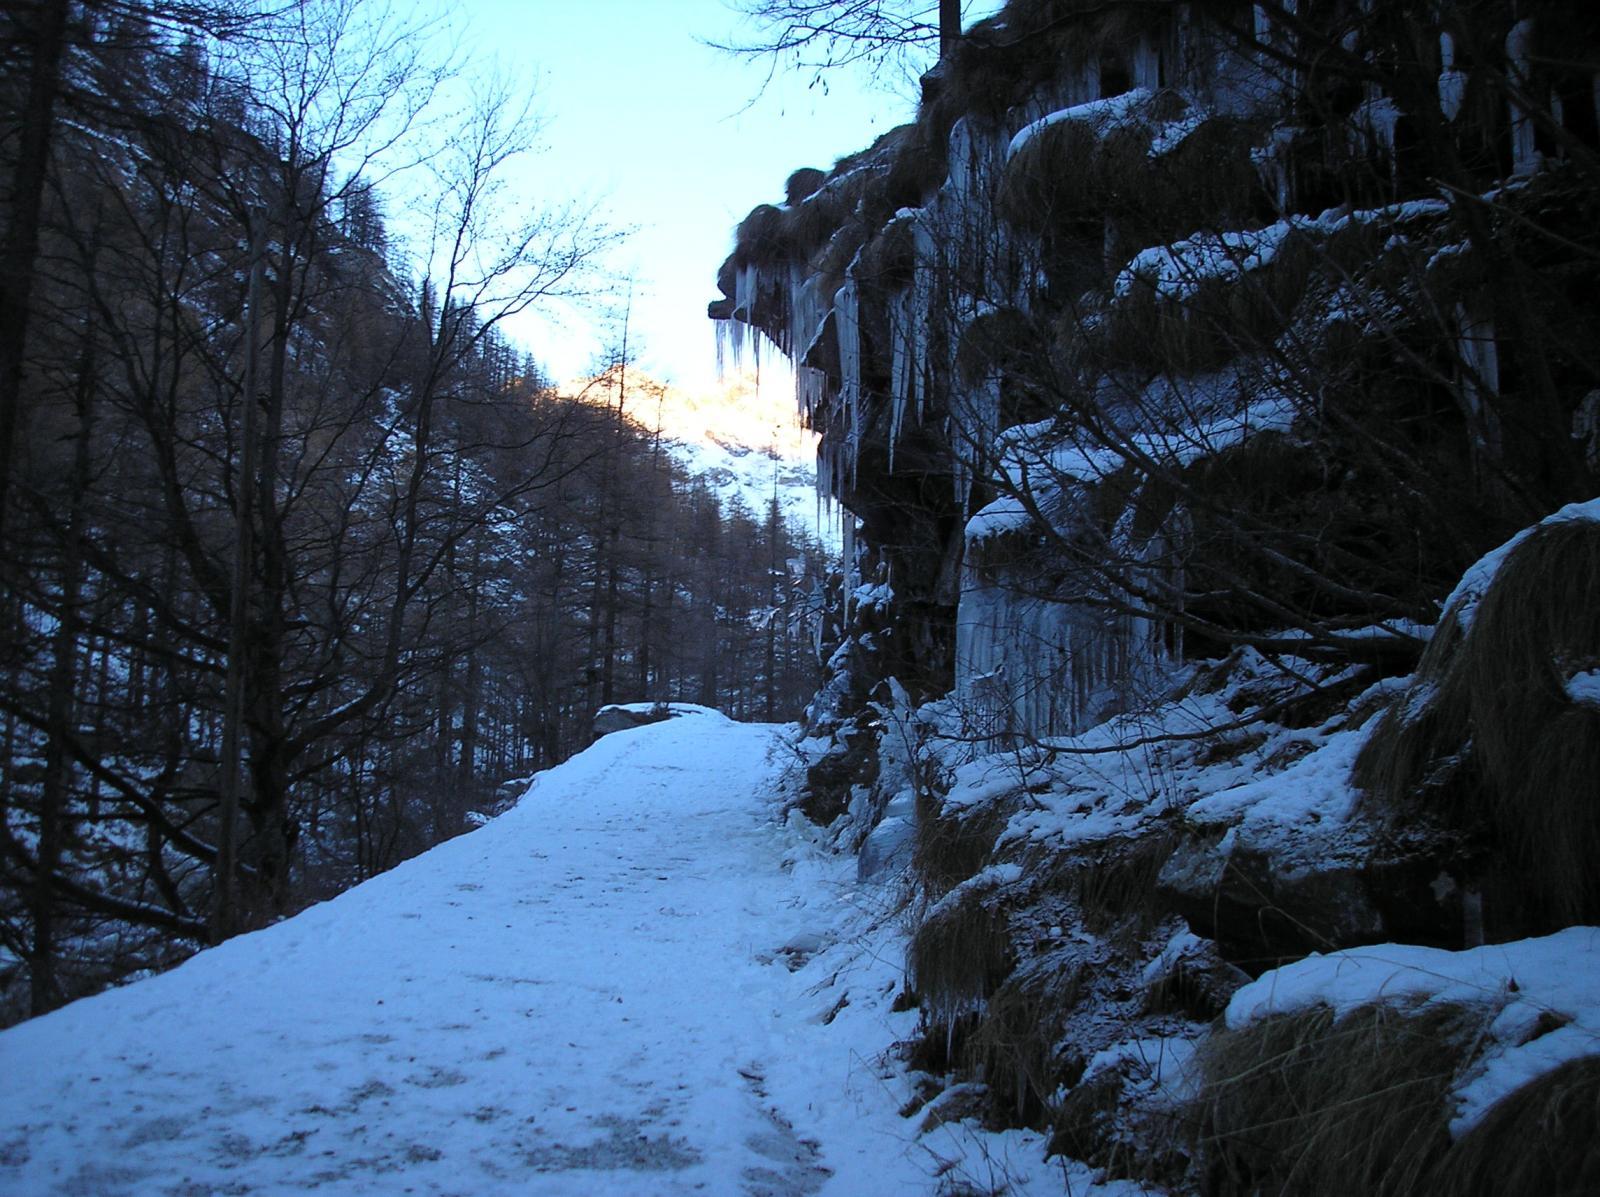 stalattiti e sentiero parzialmente ghiacciato